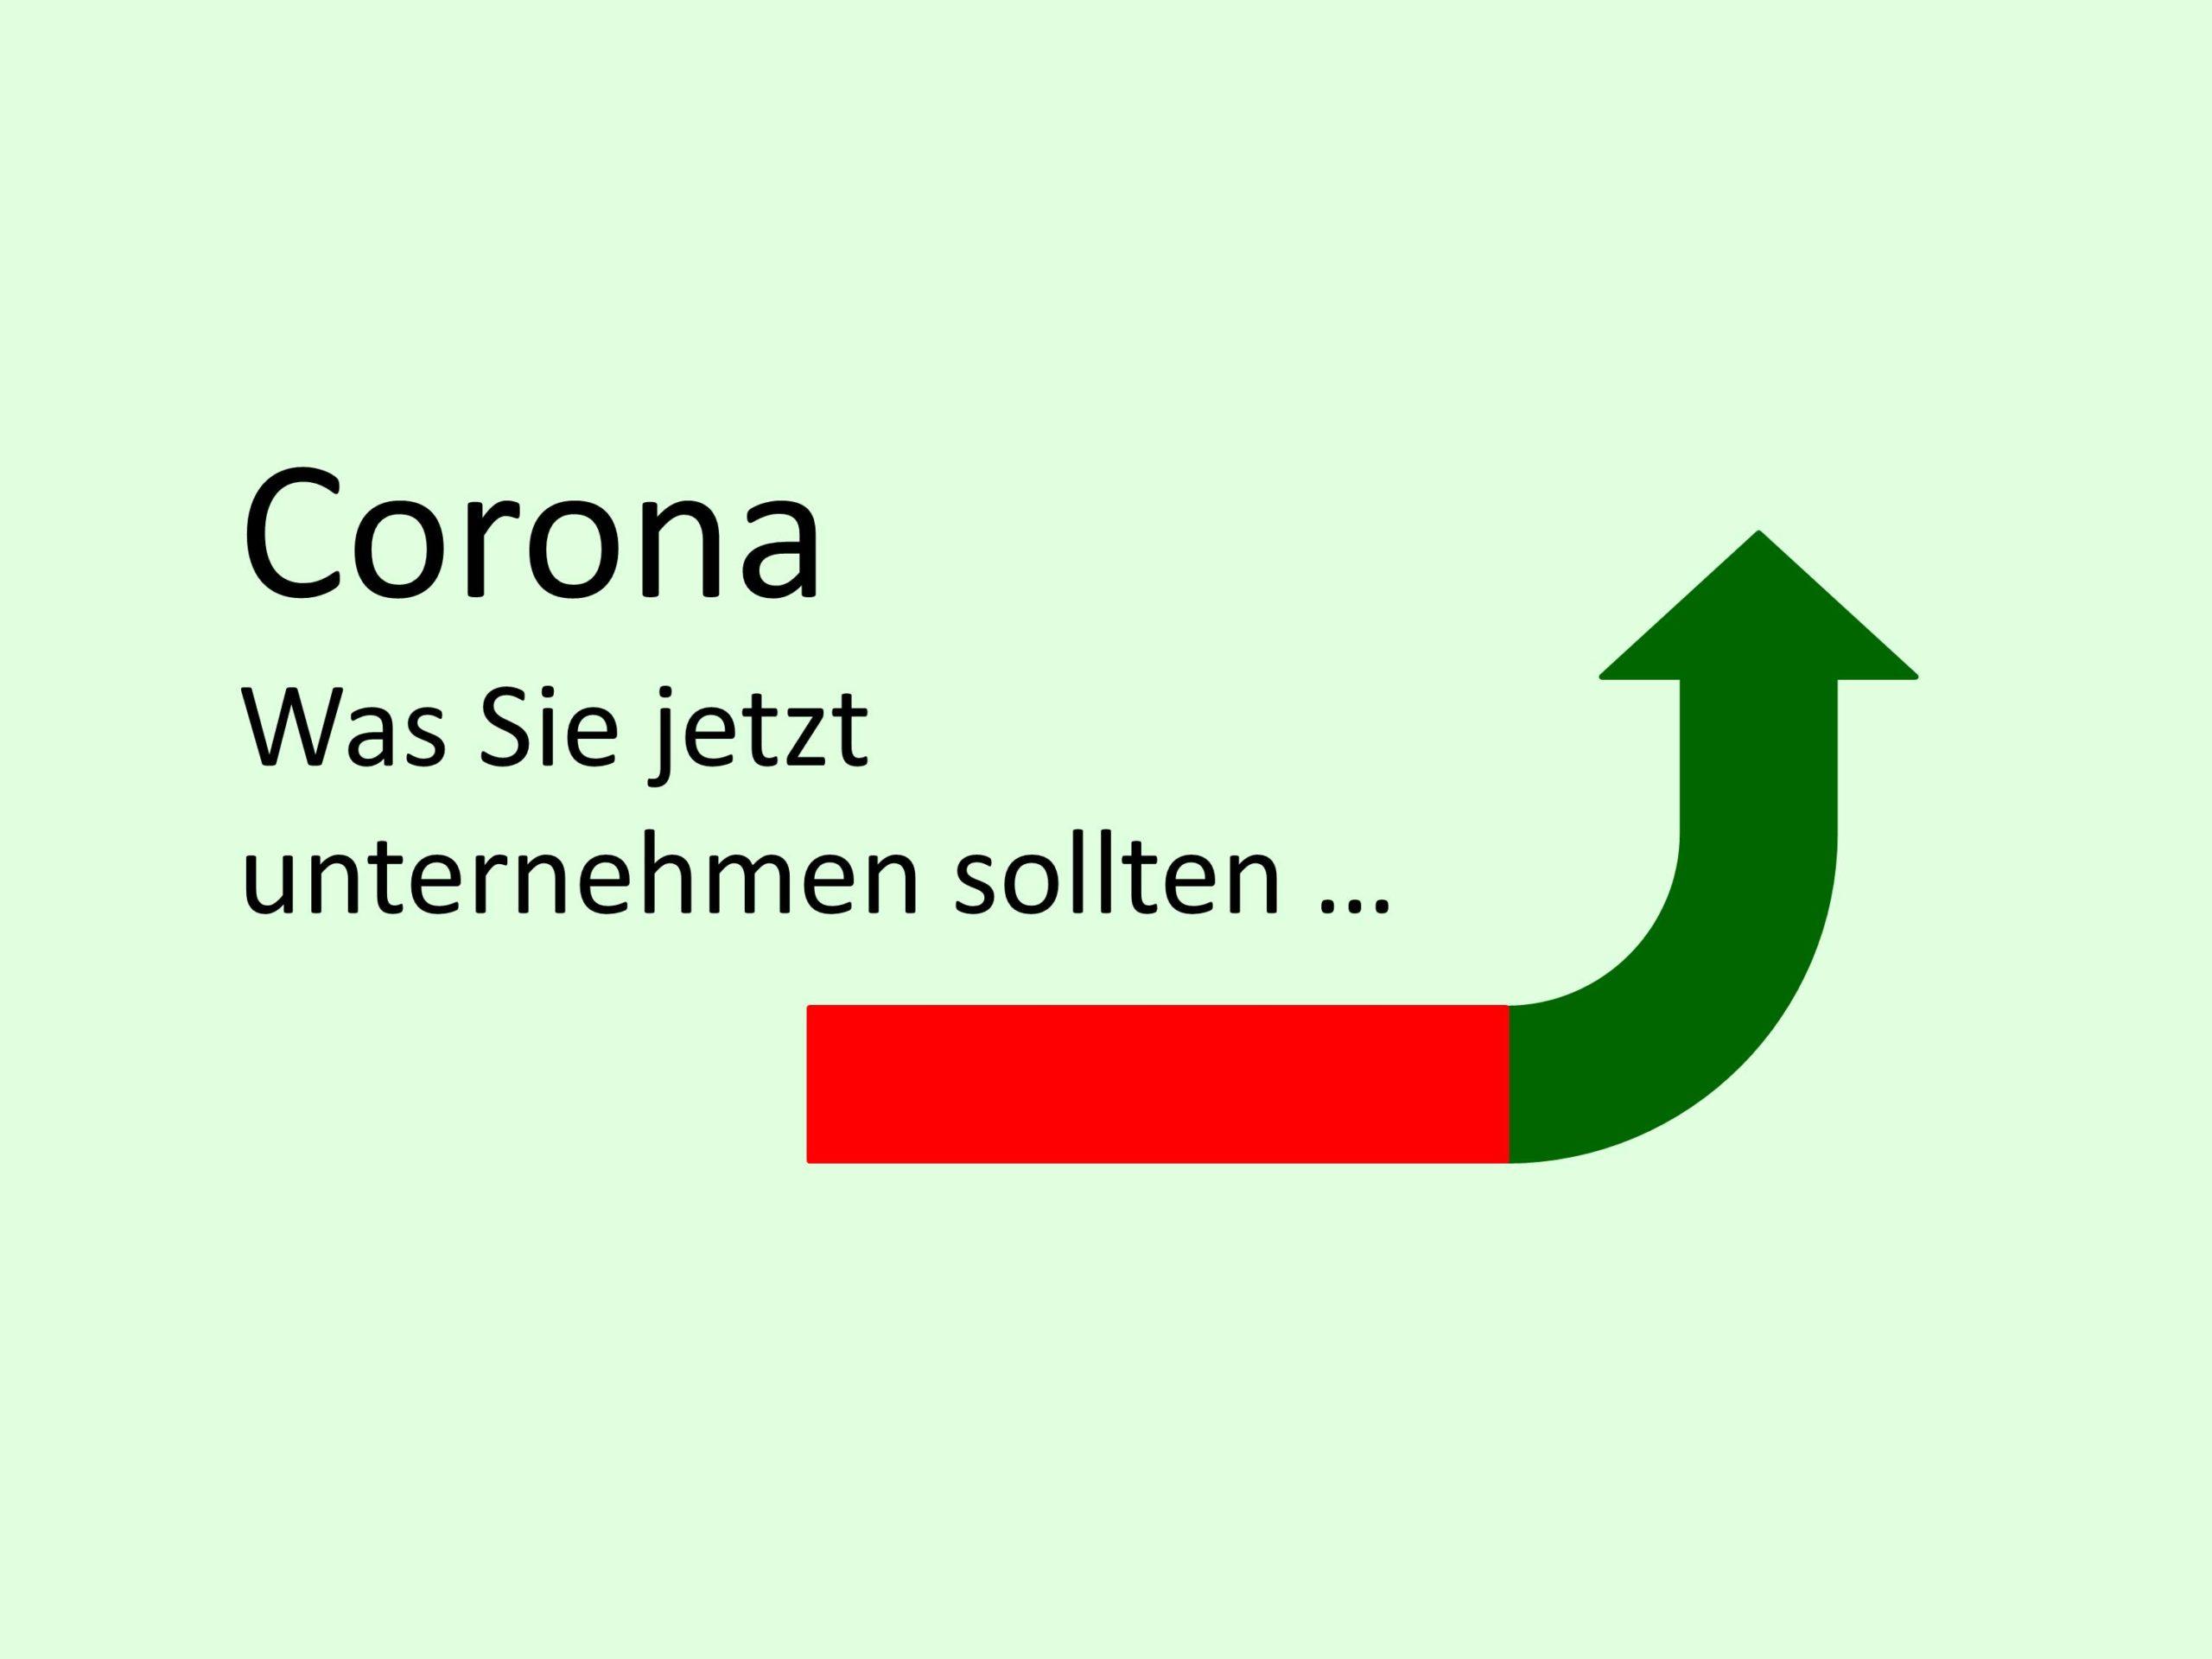 Corona: Verharren Sie nicht in Stasis – die Post-Corona-Zeit kommt bestimmt